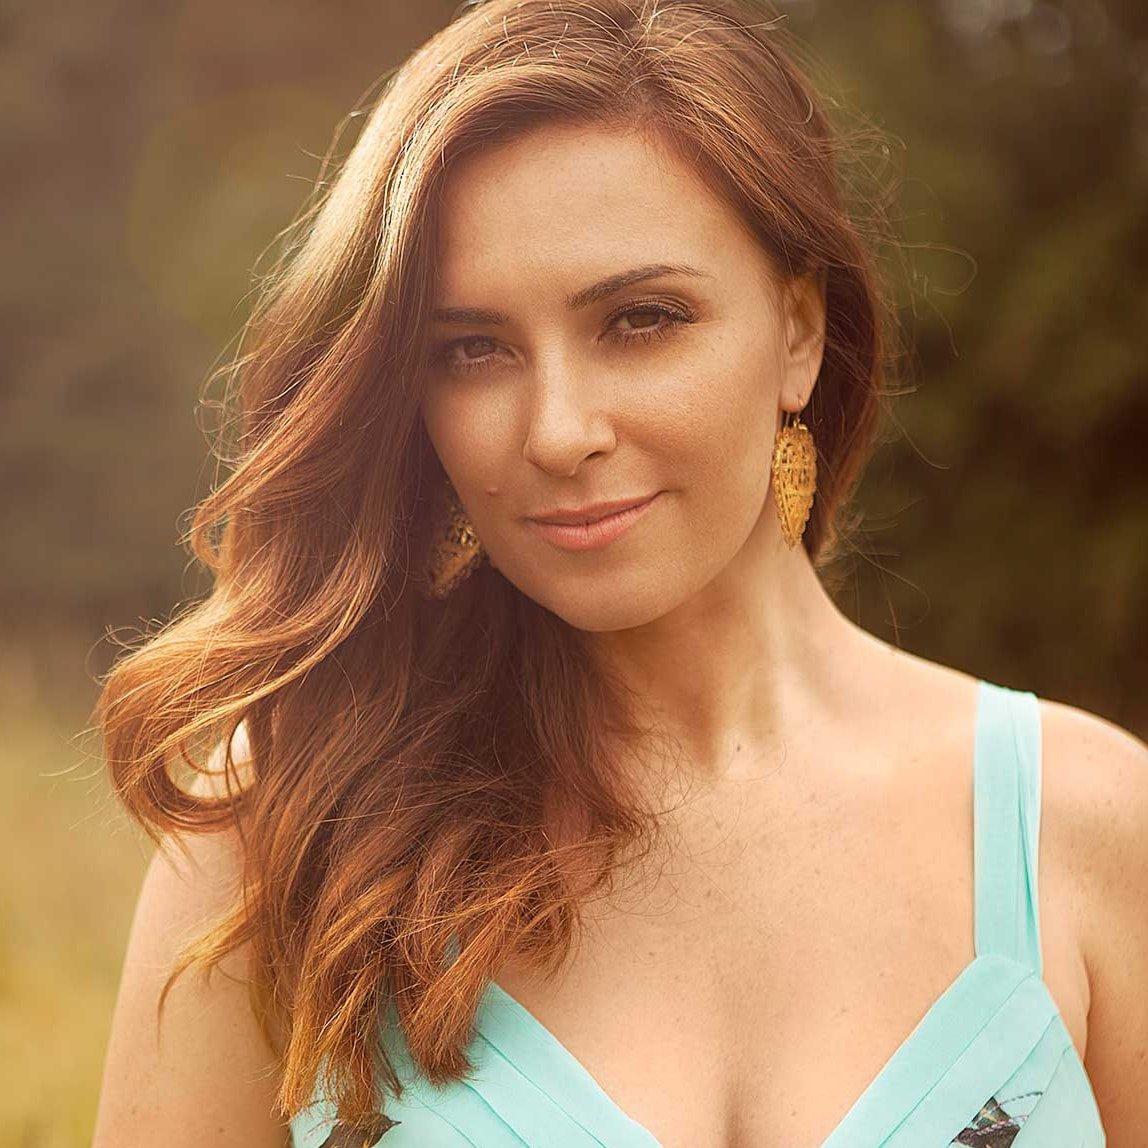 Sara-Damergi-Property-presenter-host-entrepreneur-at-Great-British-Speakers